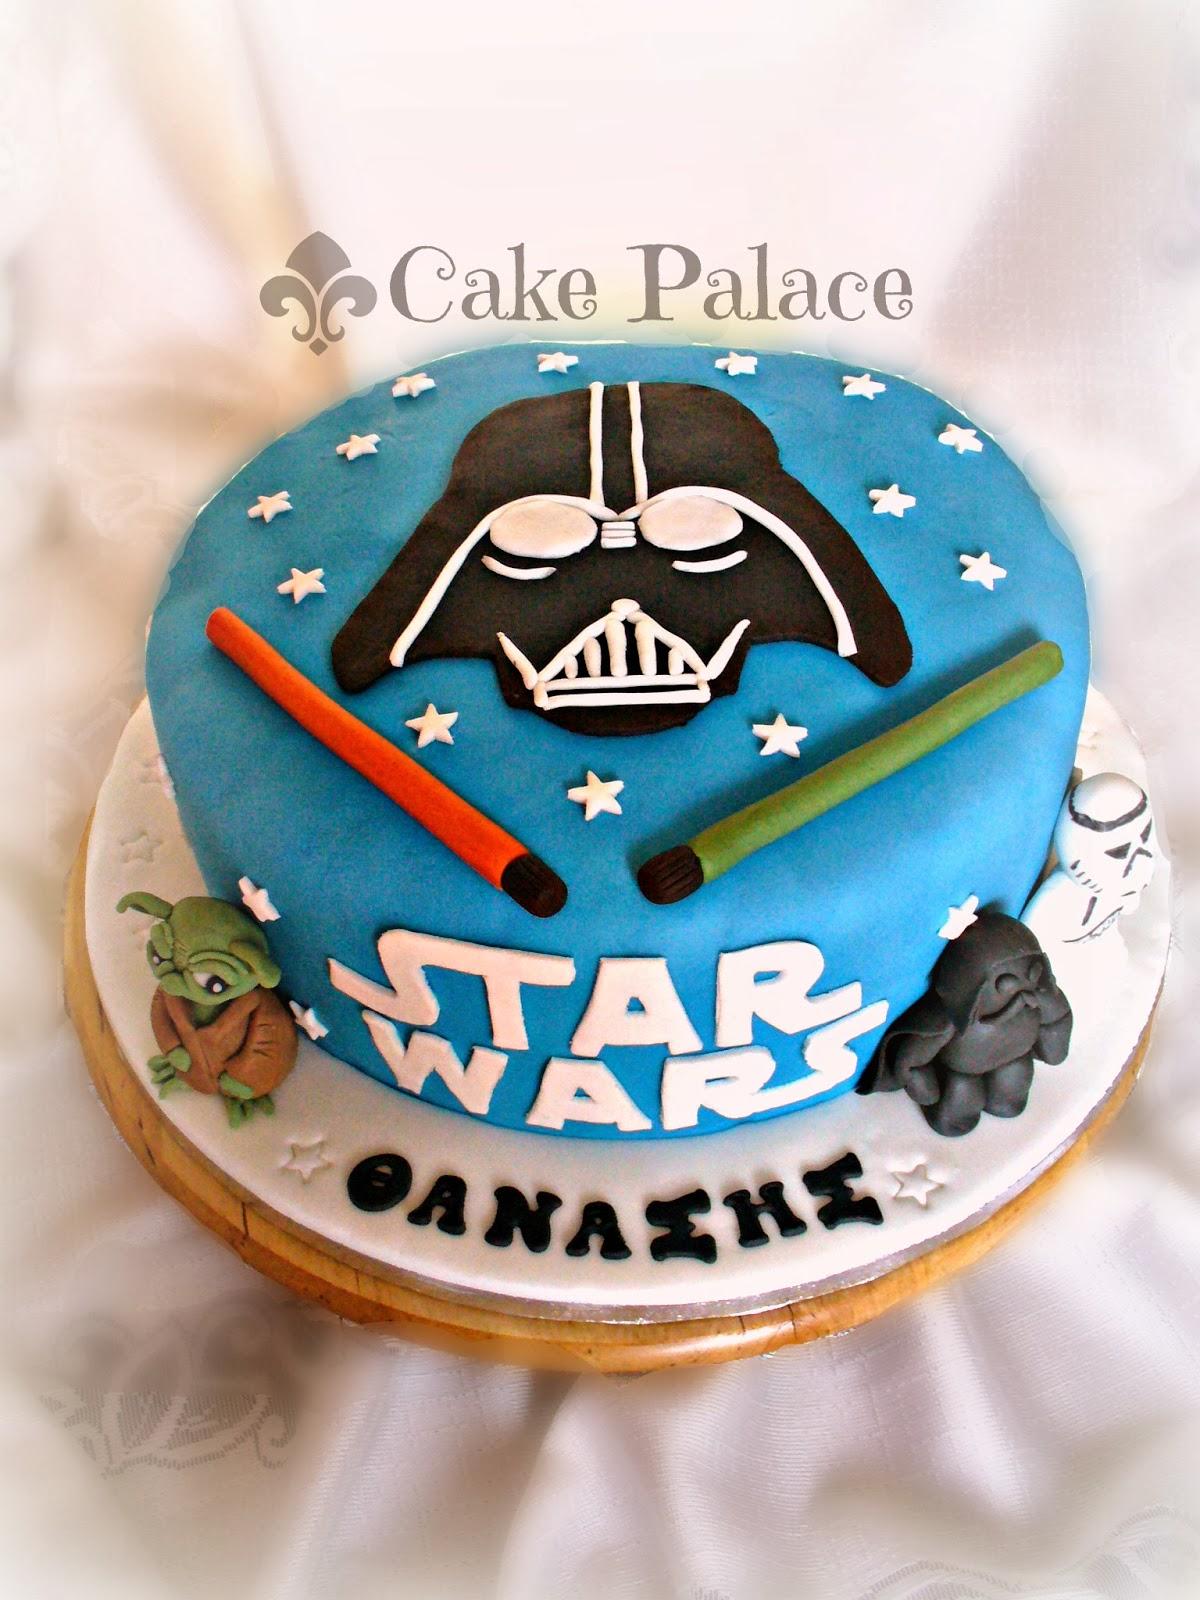 Cake Palace Star Wars Cake